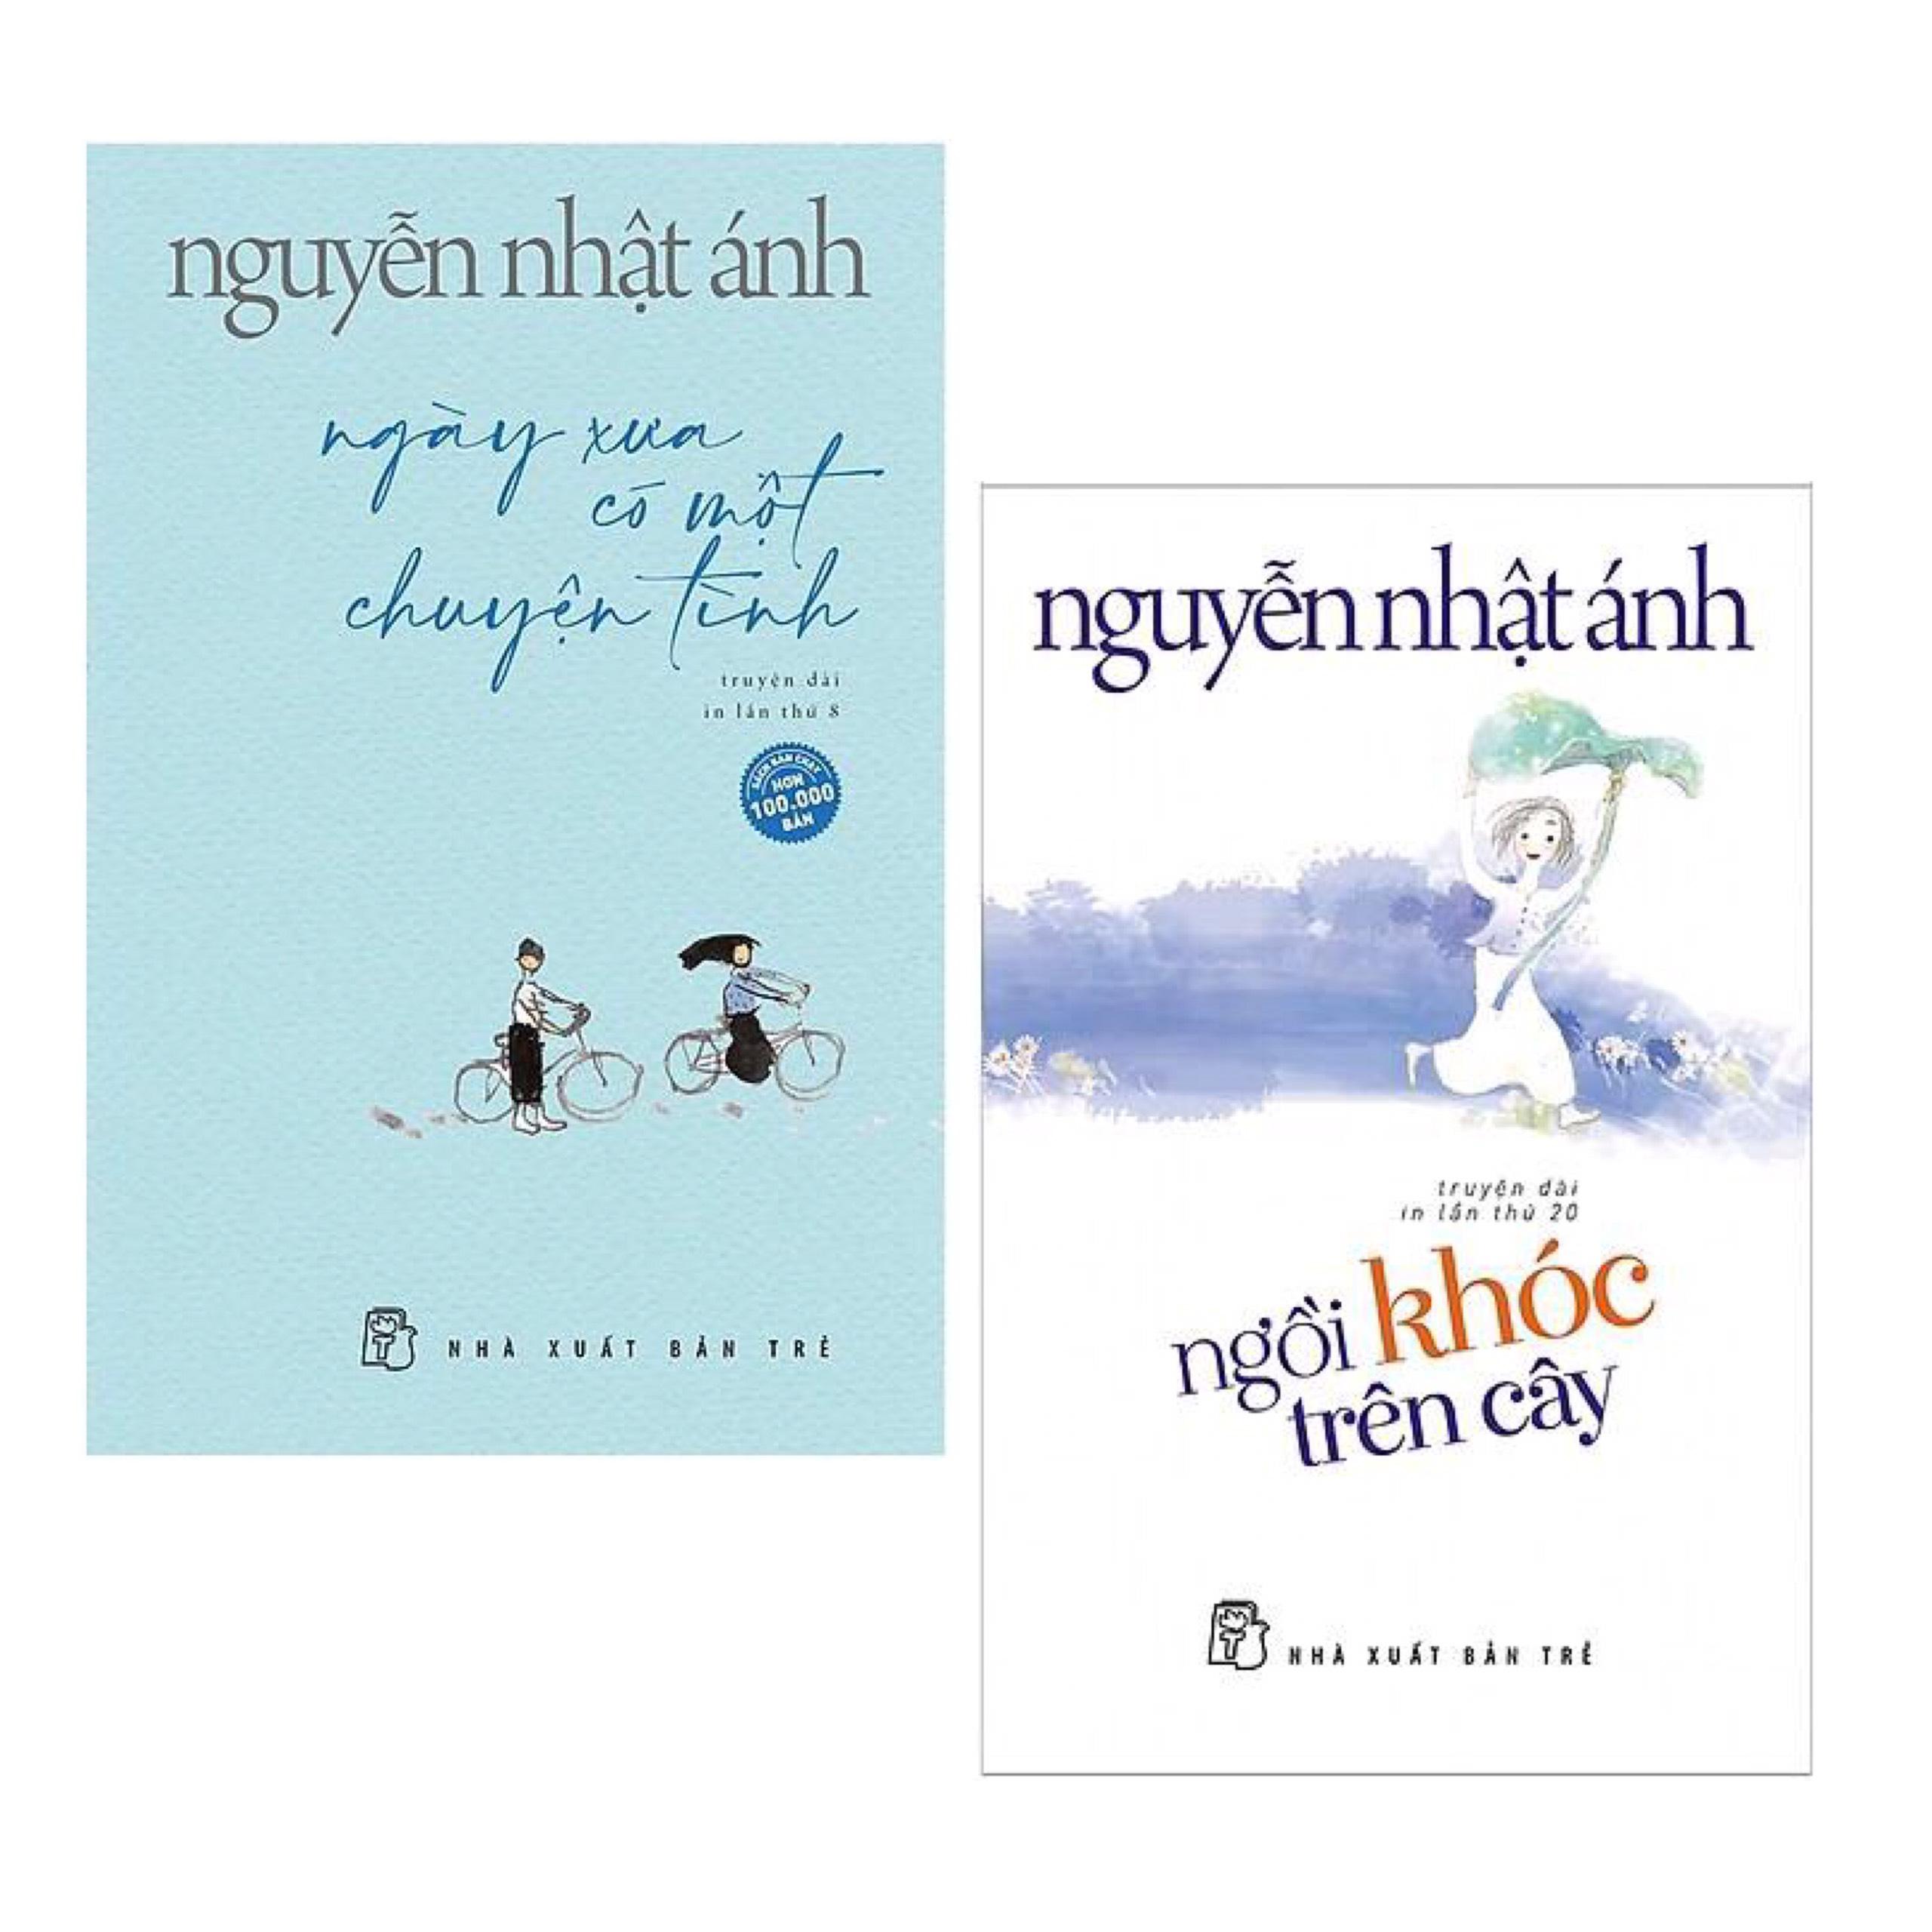 Combo (2 Cuốn) Sách Best-Seller Của Tác Giả NGUYỄN NHẬT ÁNH: Ngày Xưa Có Một Chuyện Tình (phần hai của Mắt Biếc) + Ngồi Khóc Trên Cây / Top Những Cuốn Sách Thu Hút Nhiều Bạn Đọc